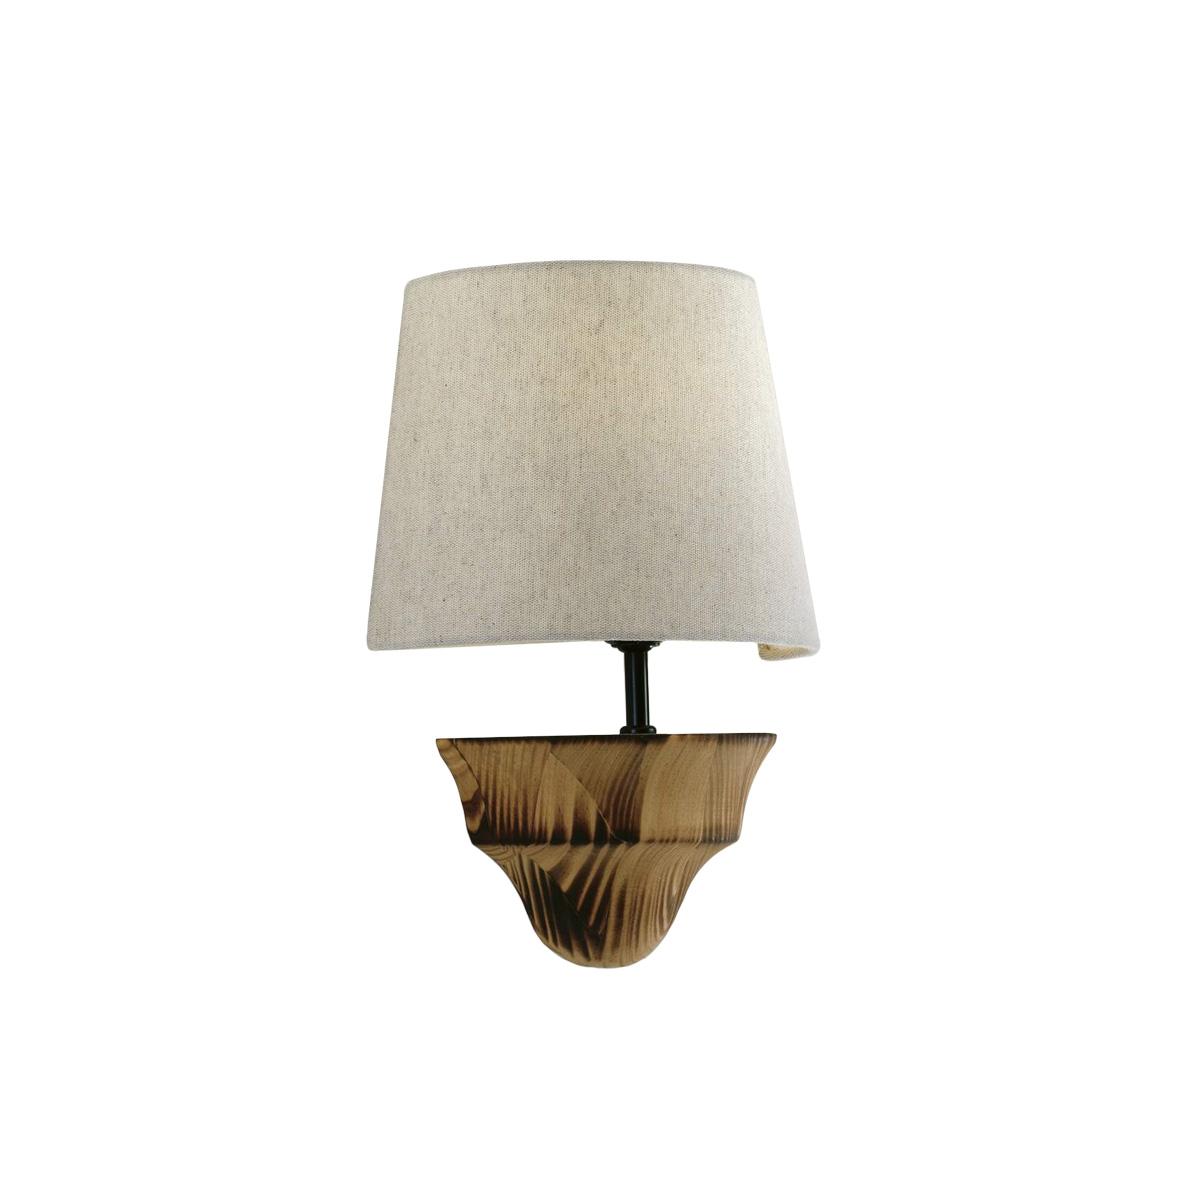 Υφασμάτινη απλίκα BAMBOO fabric wall lamp